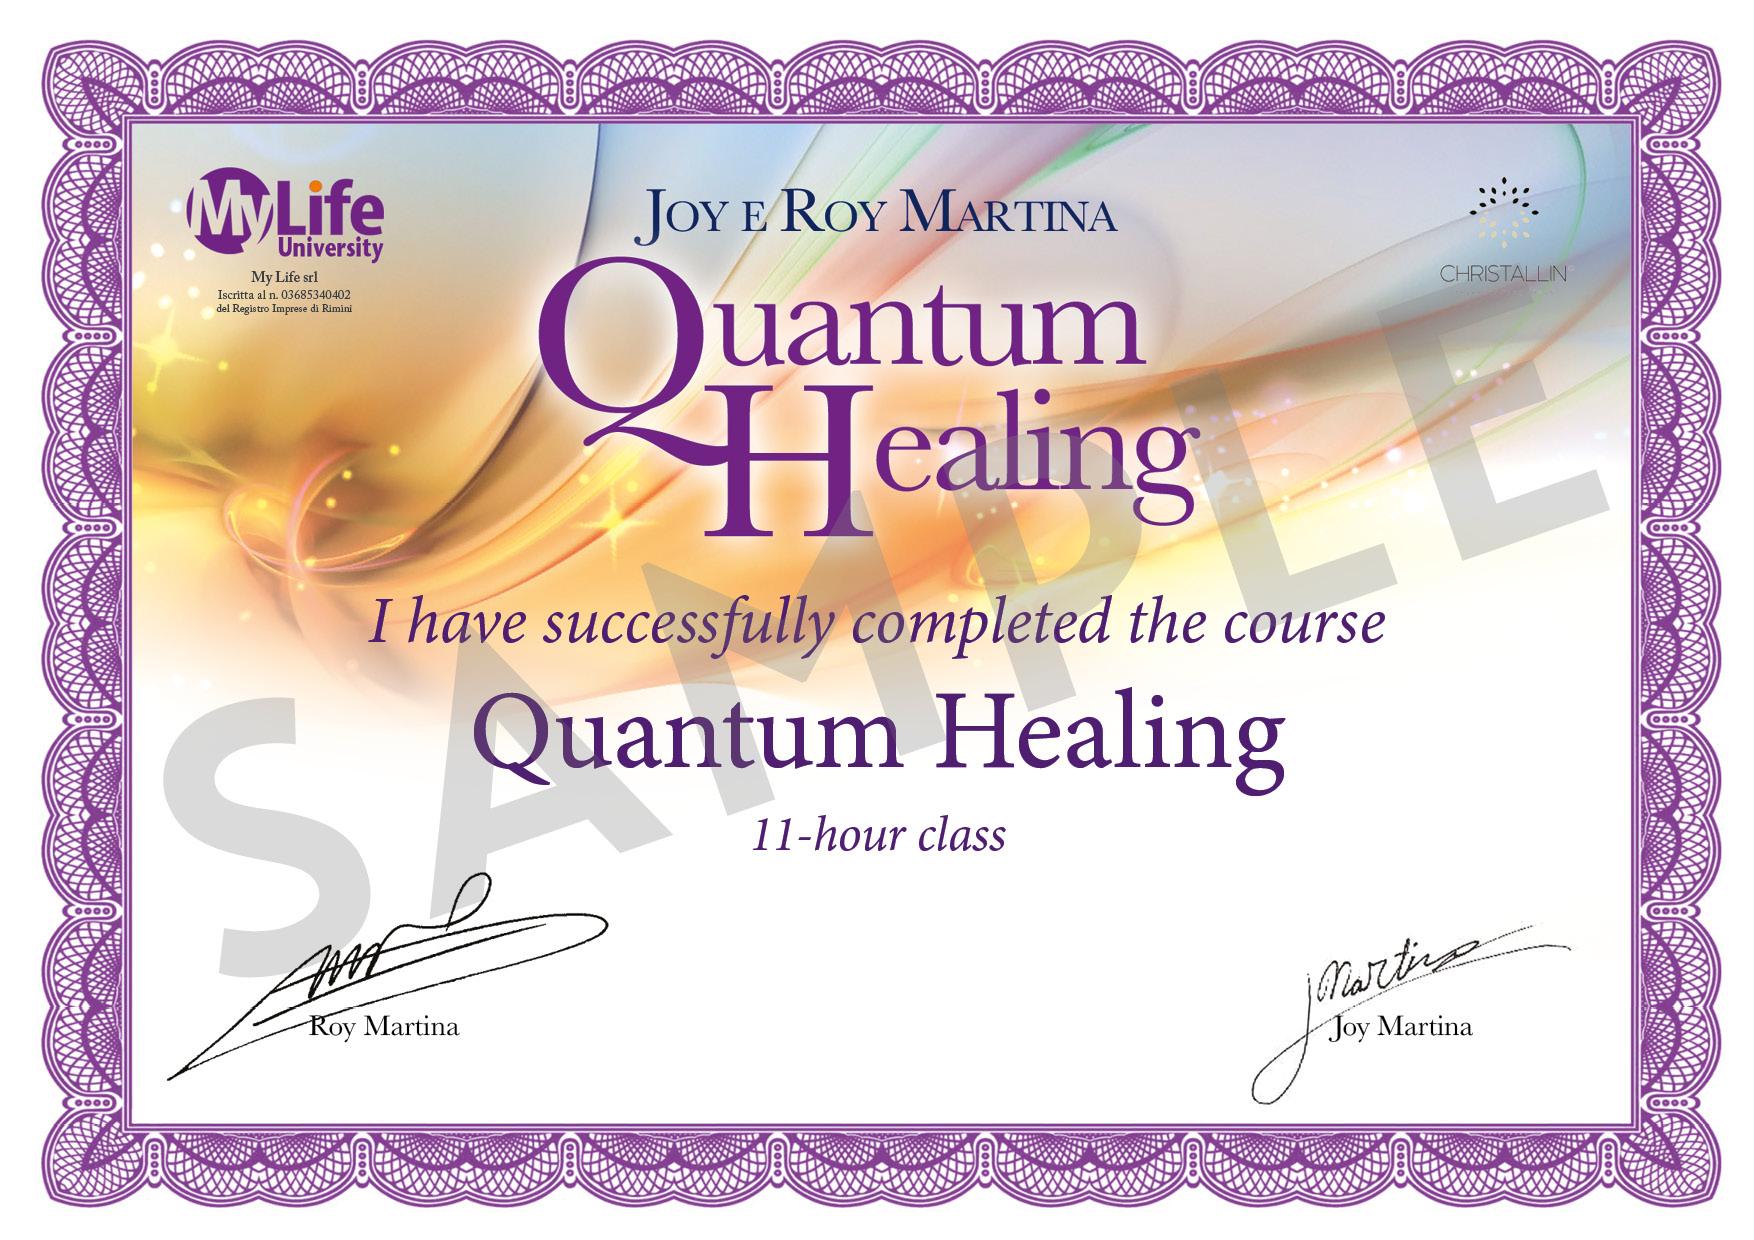 Certificato in PDF - Quantum Healing